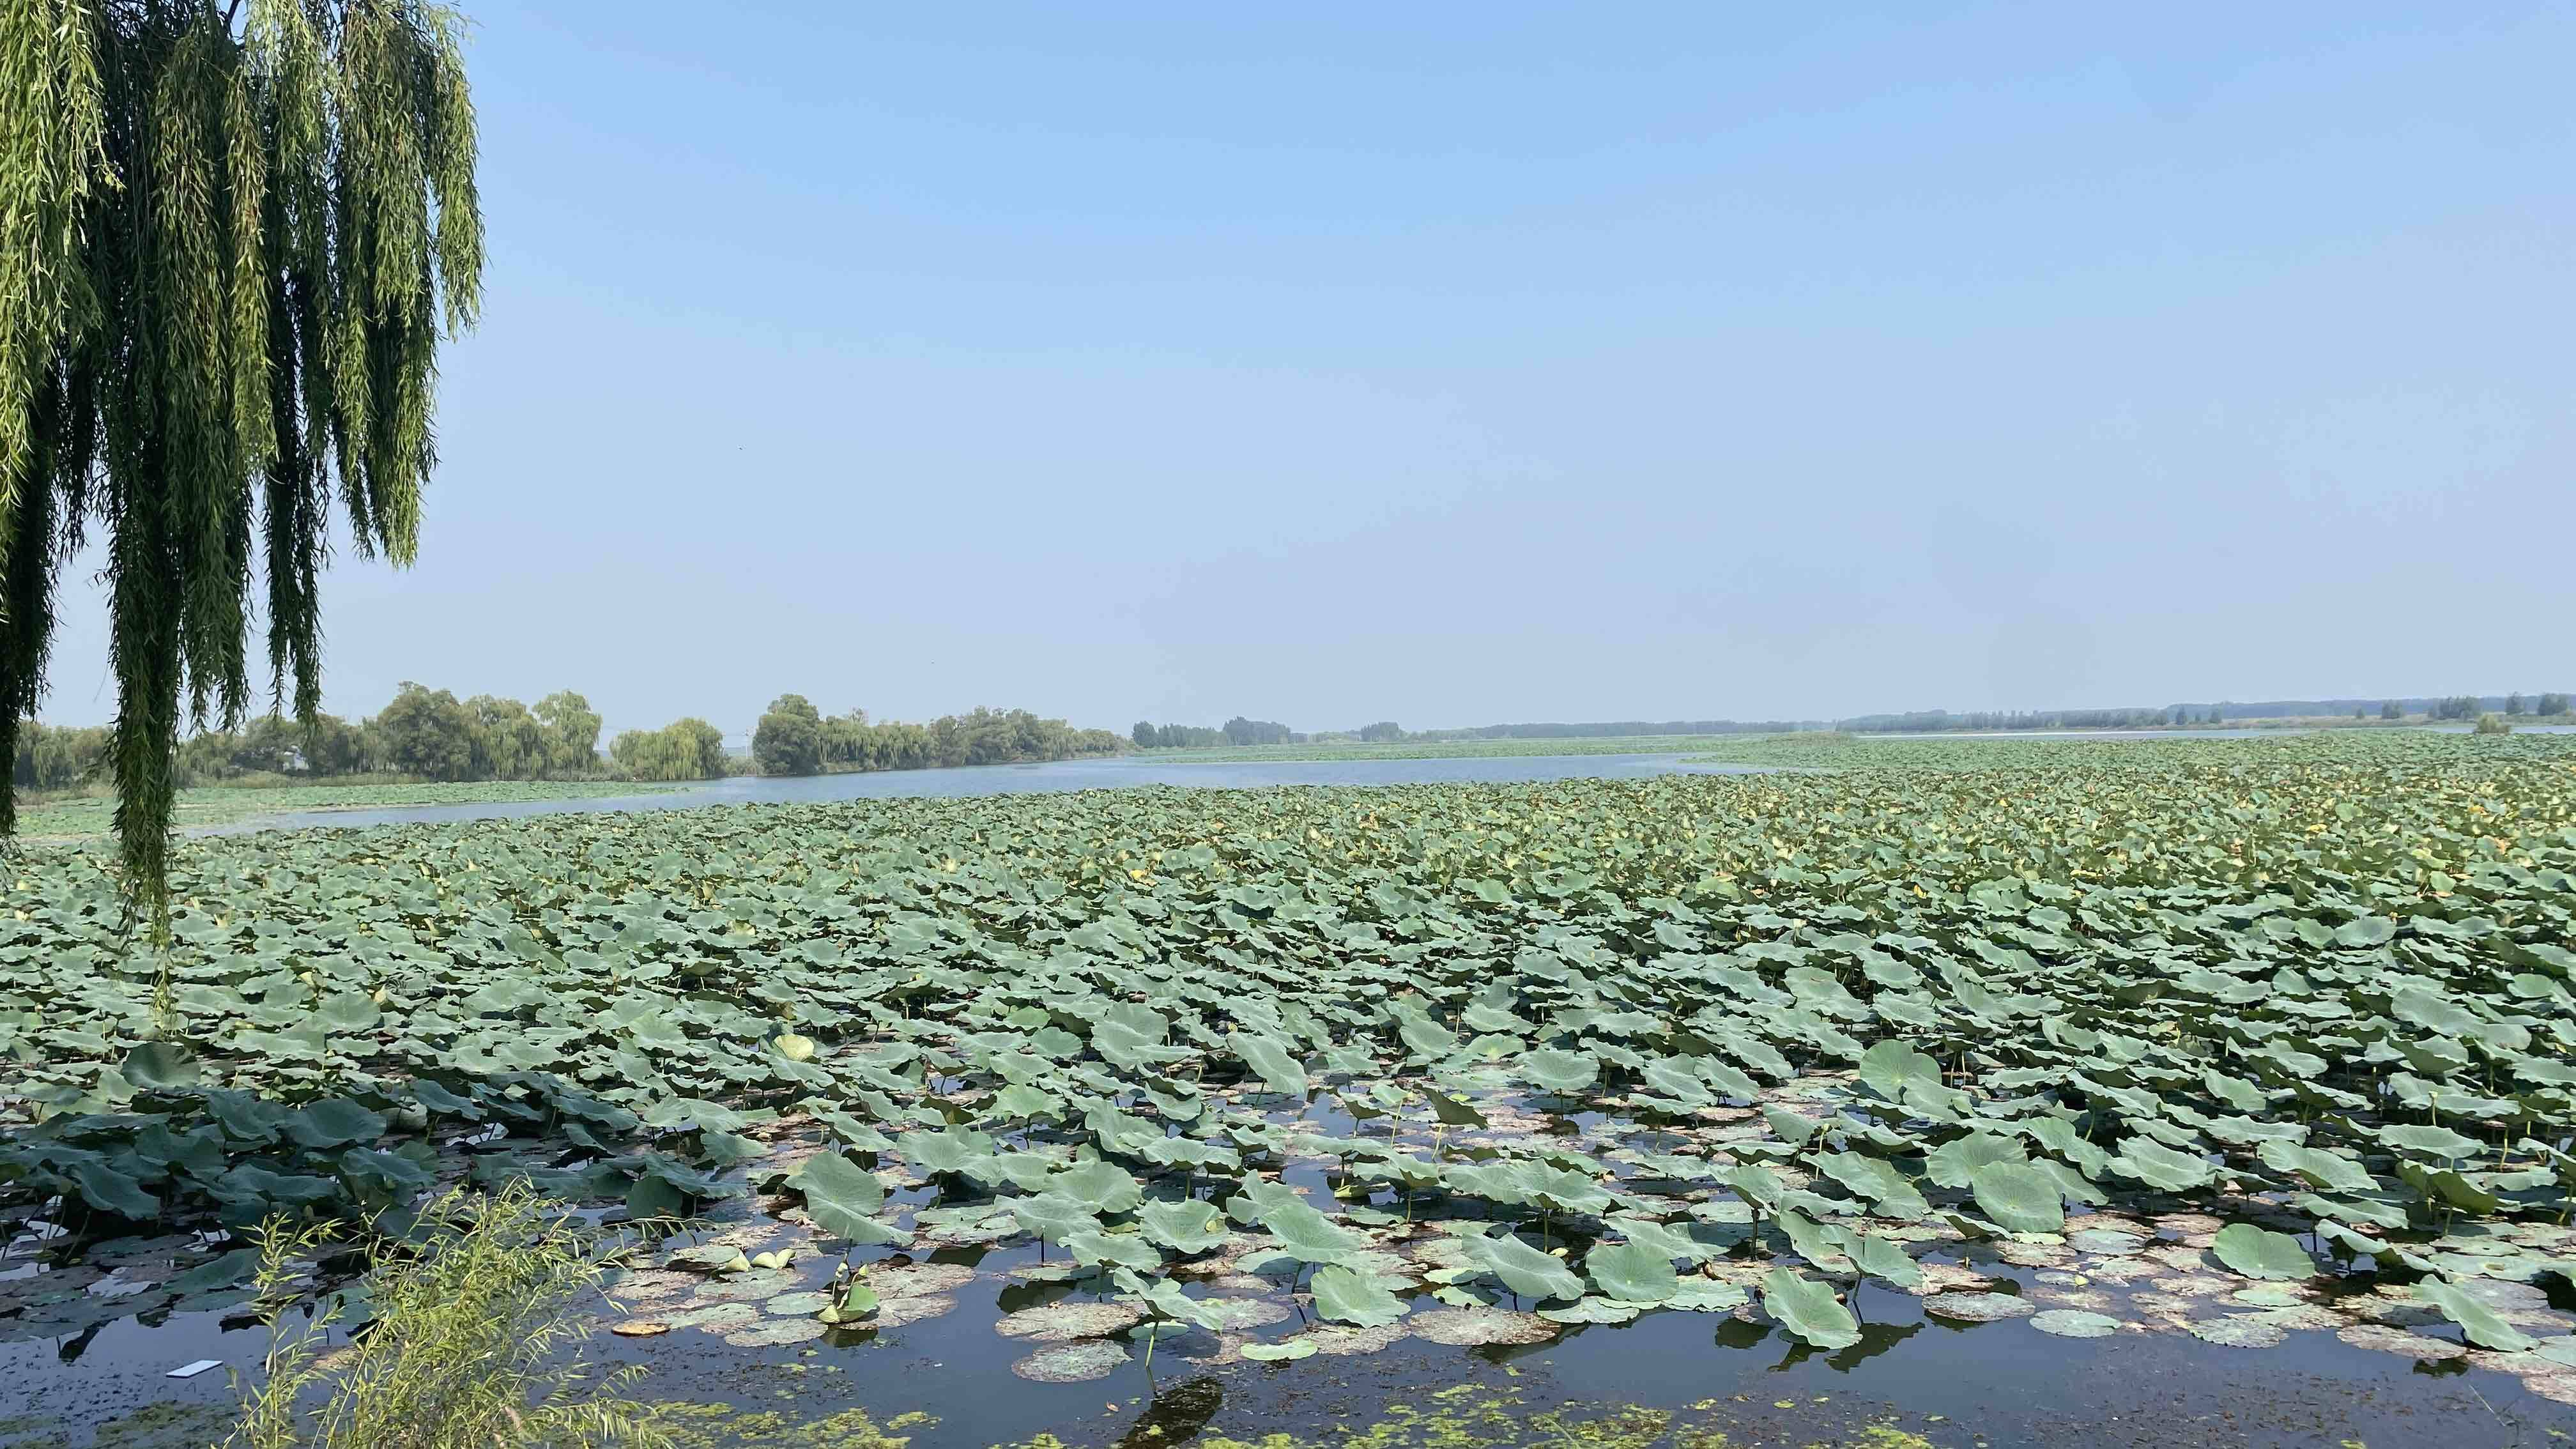 黄河入海看山东|济南白云湖大力开展退渔还湿工程 恢复湿地1.6万余亩